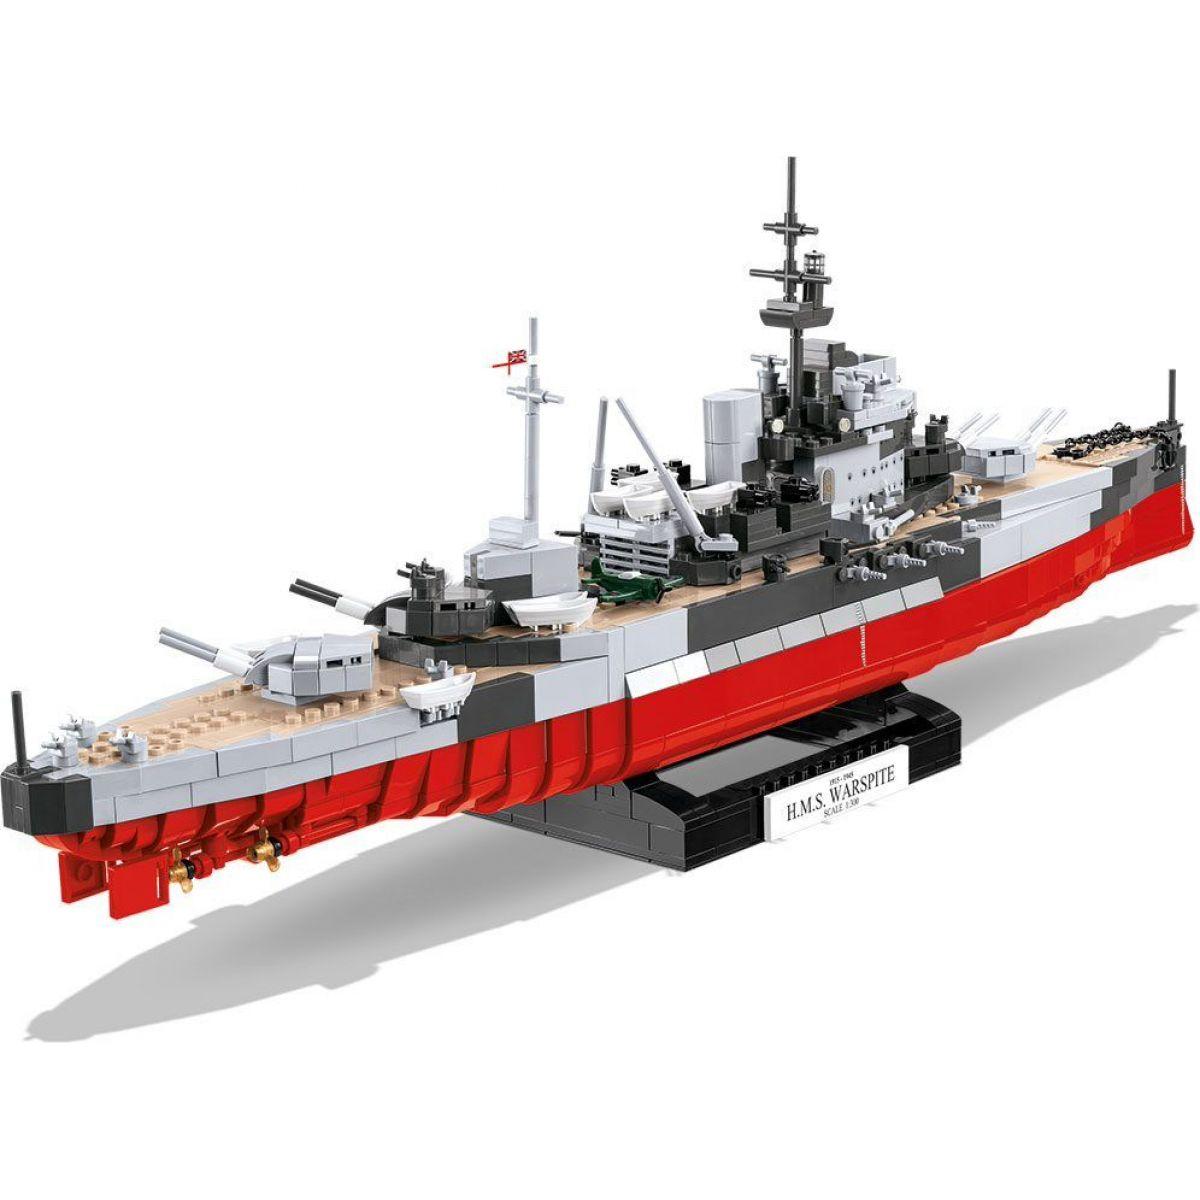 Cobi 4820 Malá armáda II. svetová vojna HMS Warspite 1: 300